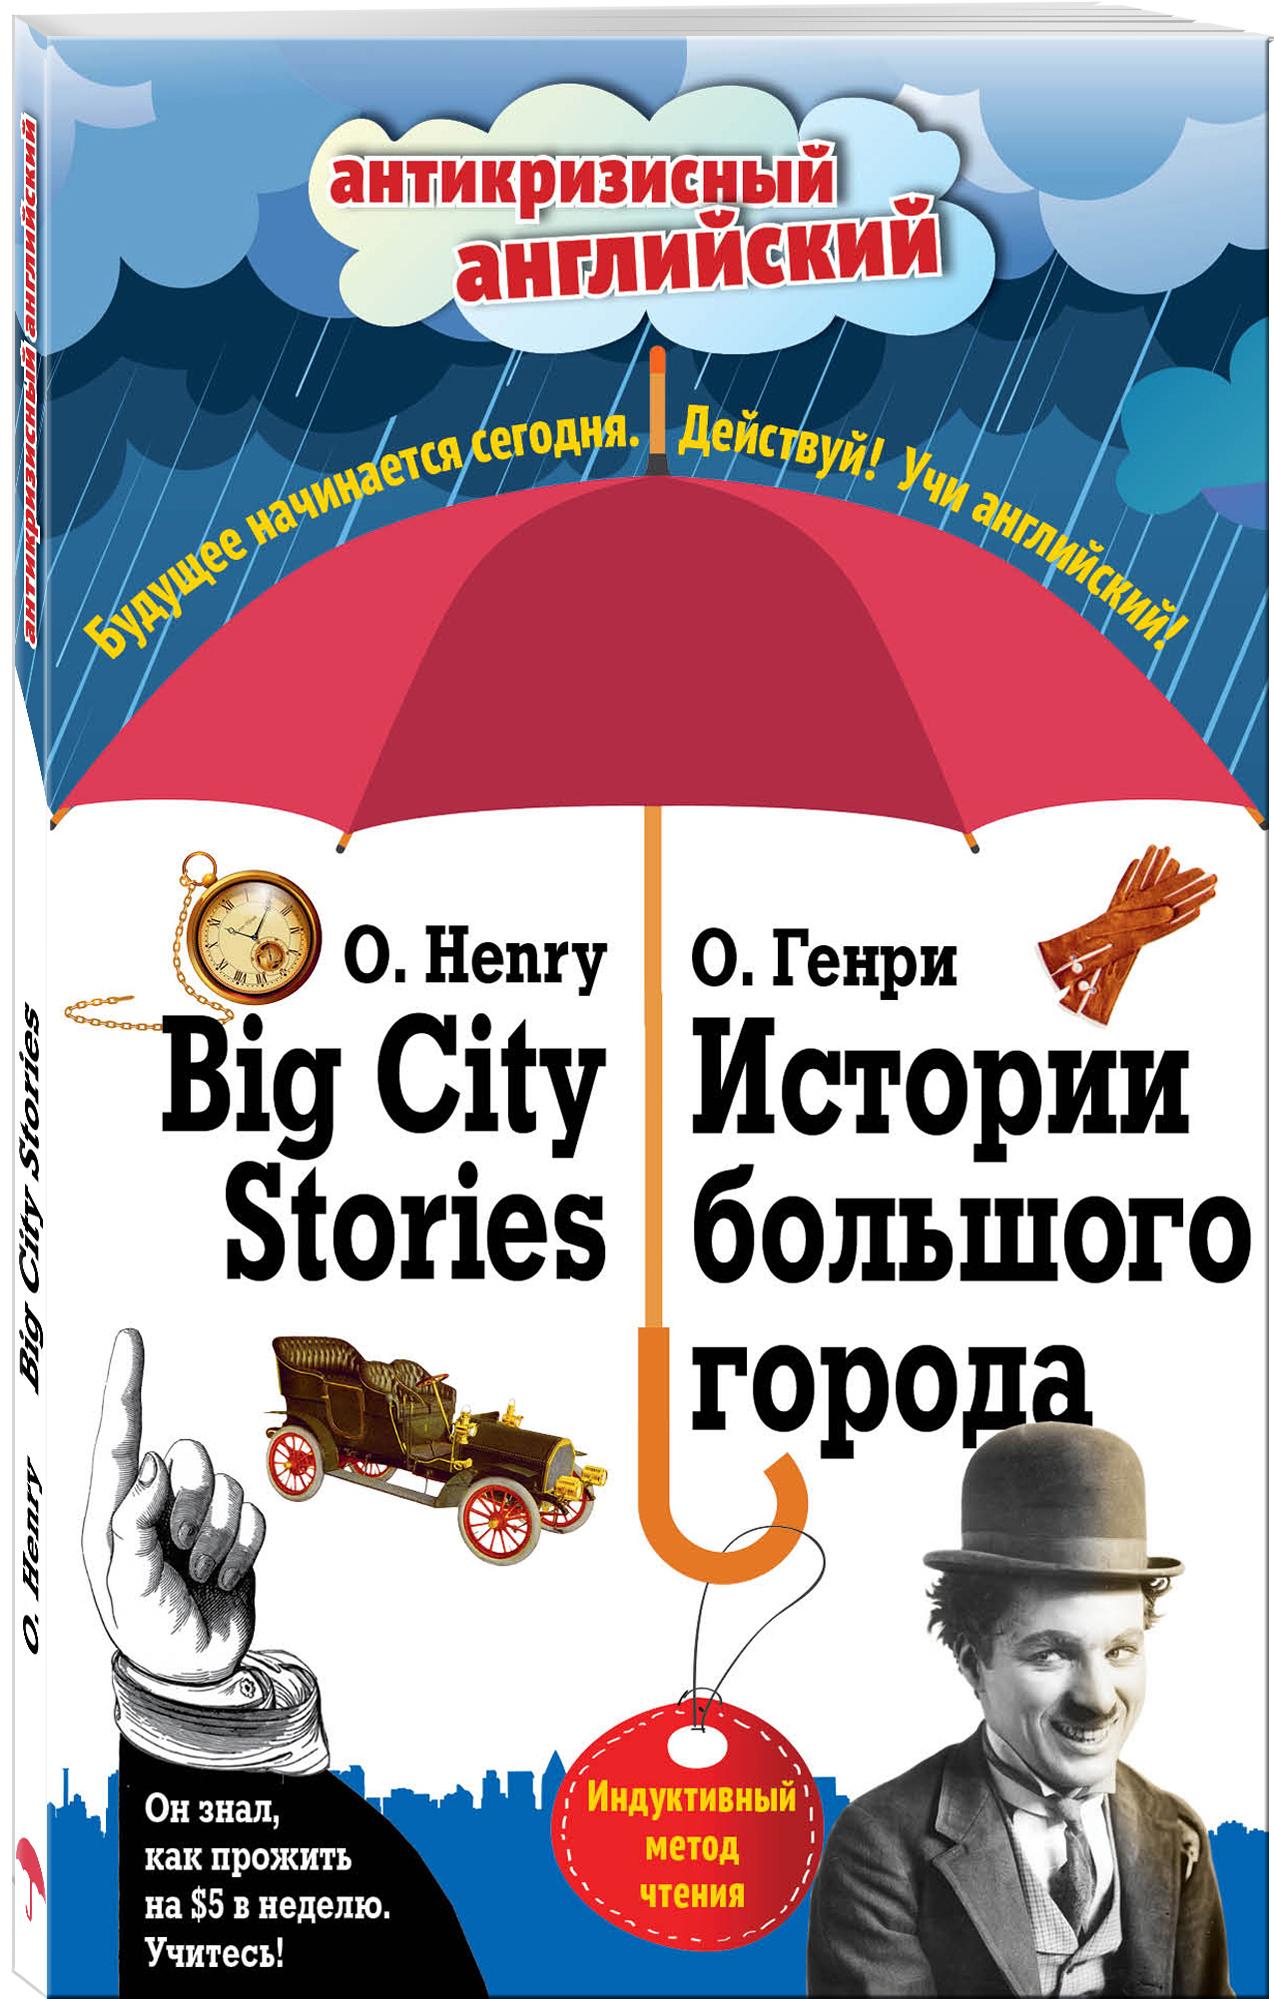 Истории большого города = Big City Stories: Индуктивный метод чтения